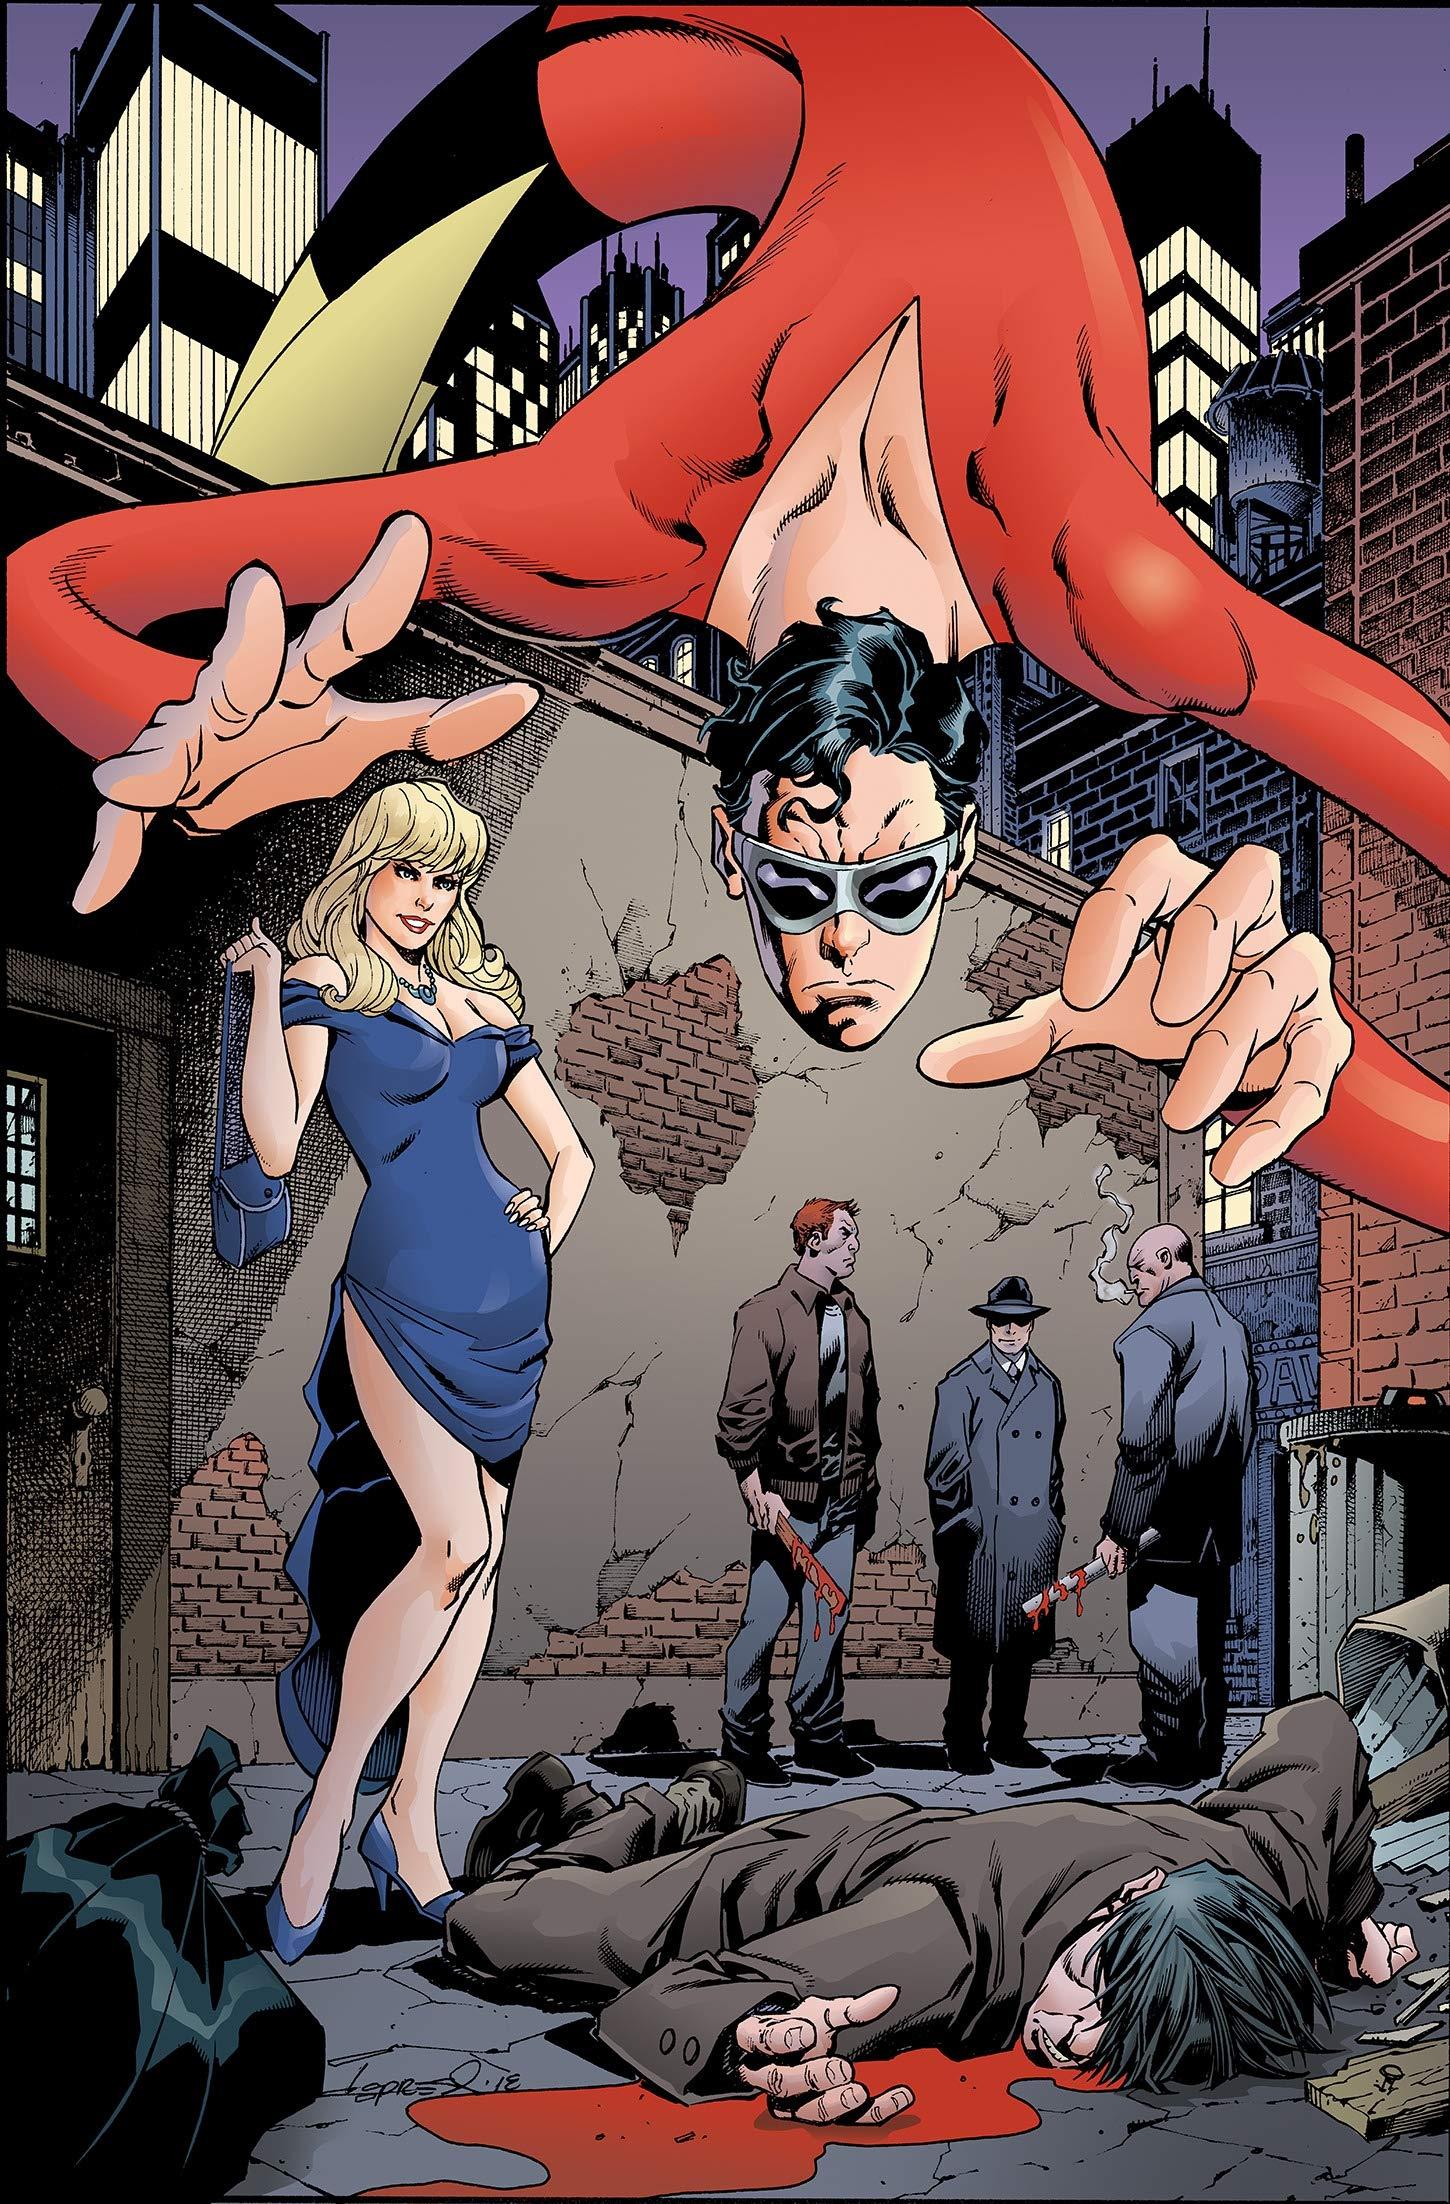 """La nueva versión de """"Plastic Man"""" de DC tendría como protagonista a una mujer"""